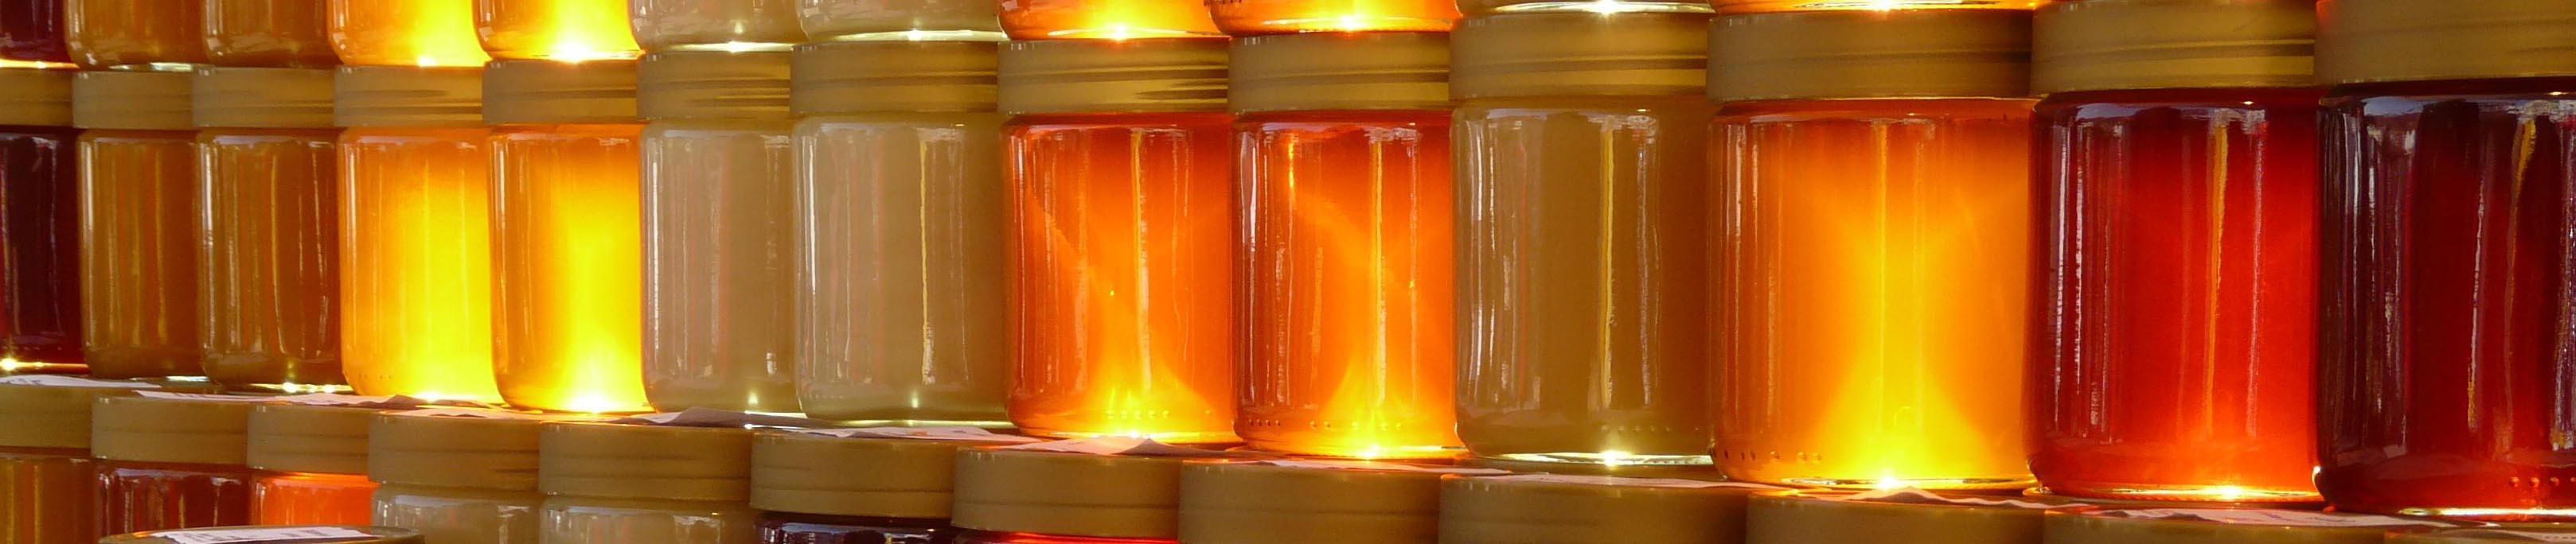 honey-residues